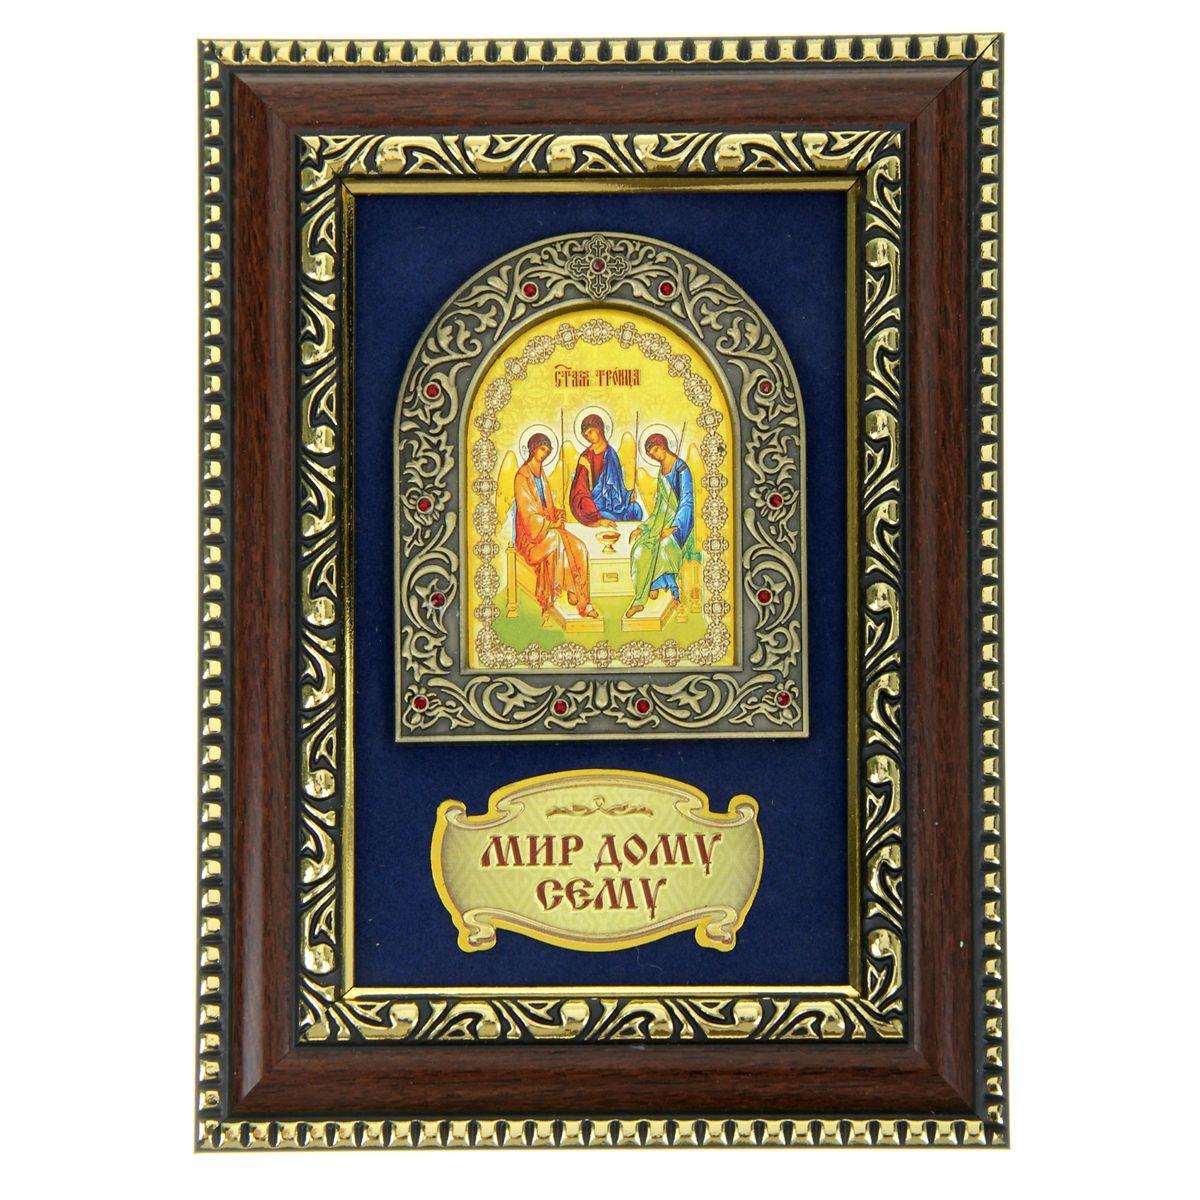 Панно-икона Святая Троица, 14,5 см х 19,5 см54 009312Панно-икона Святая Троица представляет собой небольшую икону, размещенную на картонной подложке синего цвета. Ниже расположена табличка с надписью Мир дому сему. Икона обрамлена в металлическую рамку, украшенную изысканным рельефом и инкрустированную мелкими красными стразами. Рамка для панно с золотистым узорным рельефом выполнена из дерева. Панно можно подвесить на стену или поставить на стол, для чего с задней стороны предусмотрена специальная ножка. Любое помещение выглядит незавершенным без правильно расположенных предметов интерьера. Они помогают создать уют, расставить акценты, подчеркнуть достоинства или скрыть недостатки. Не бывает незначительных деталей. Из мелочей складывается образ человека и стиль интерьера. Панно-икона Святая Троица - одна из тех деталей, которые придают дому обжитой вид и создают ощущение уюта.